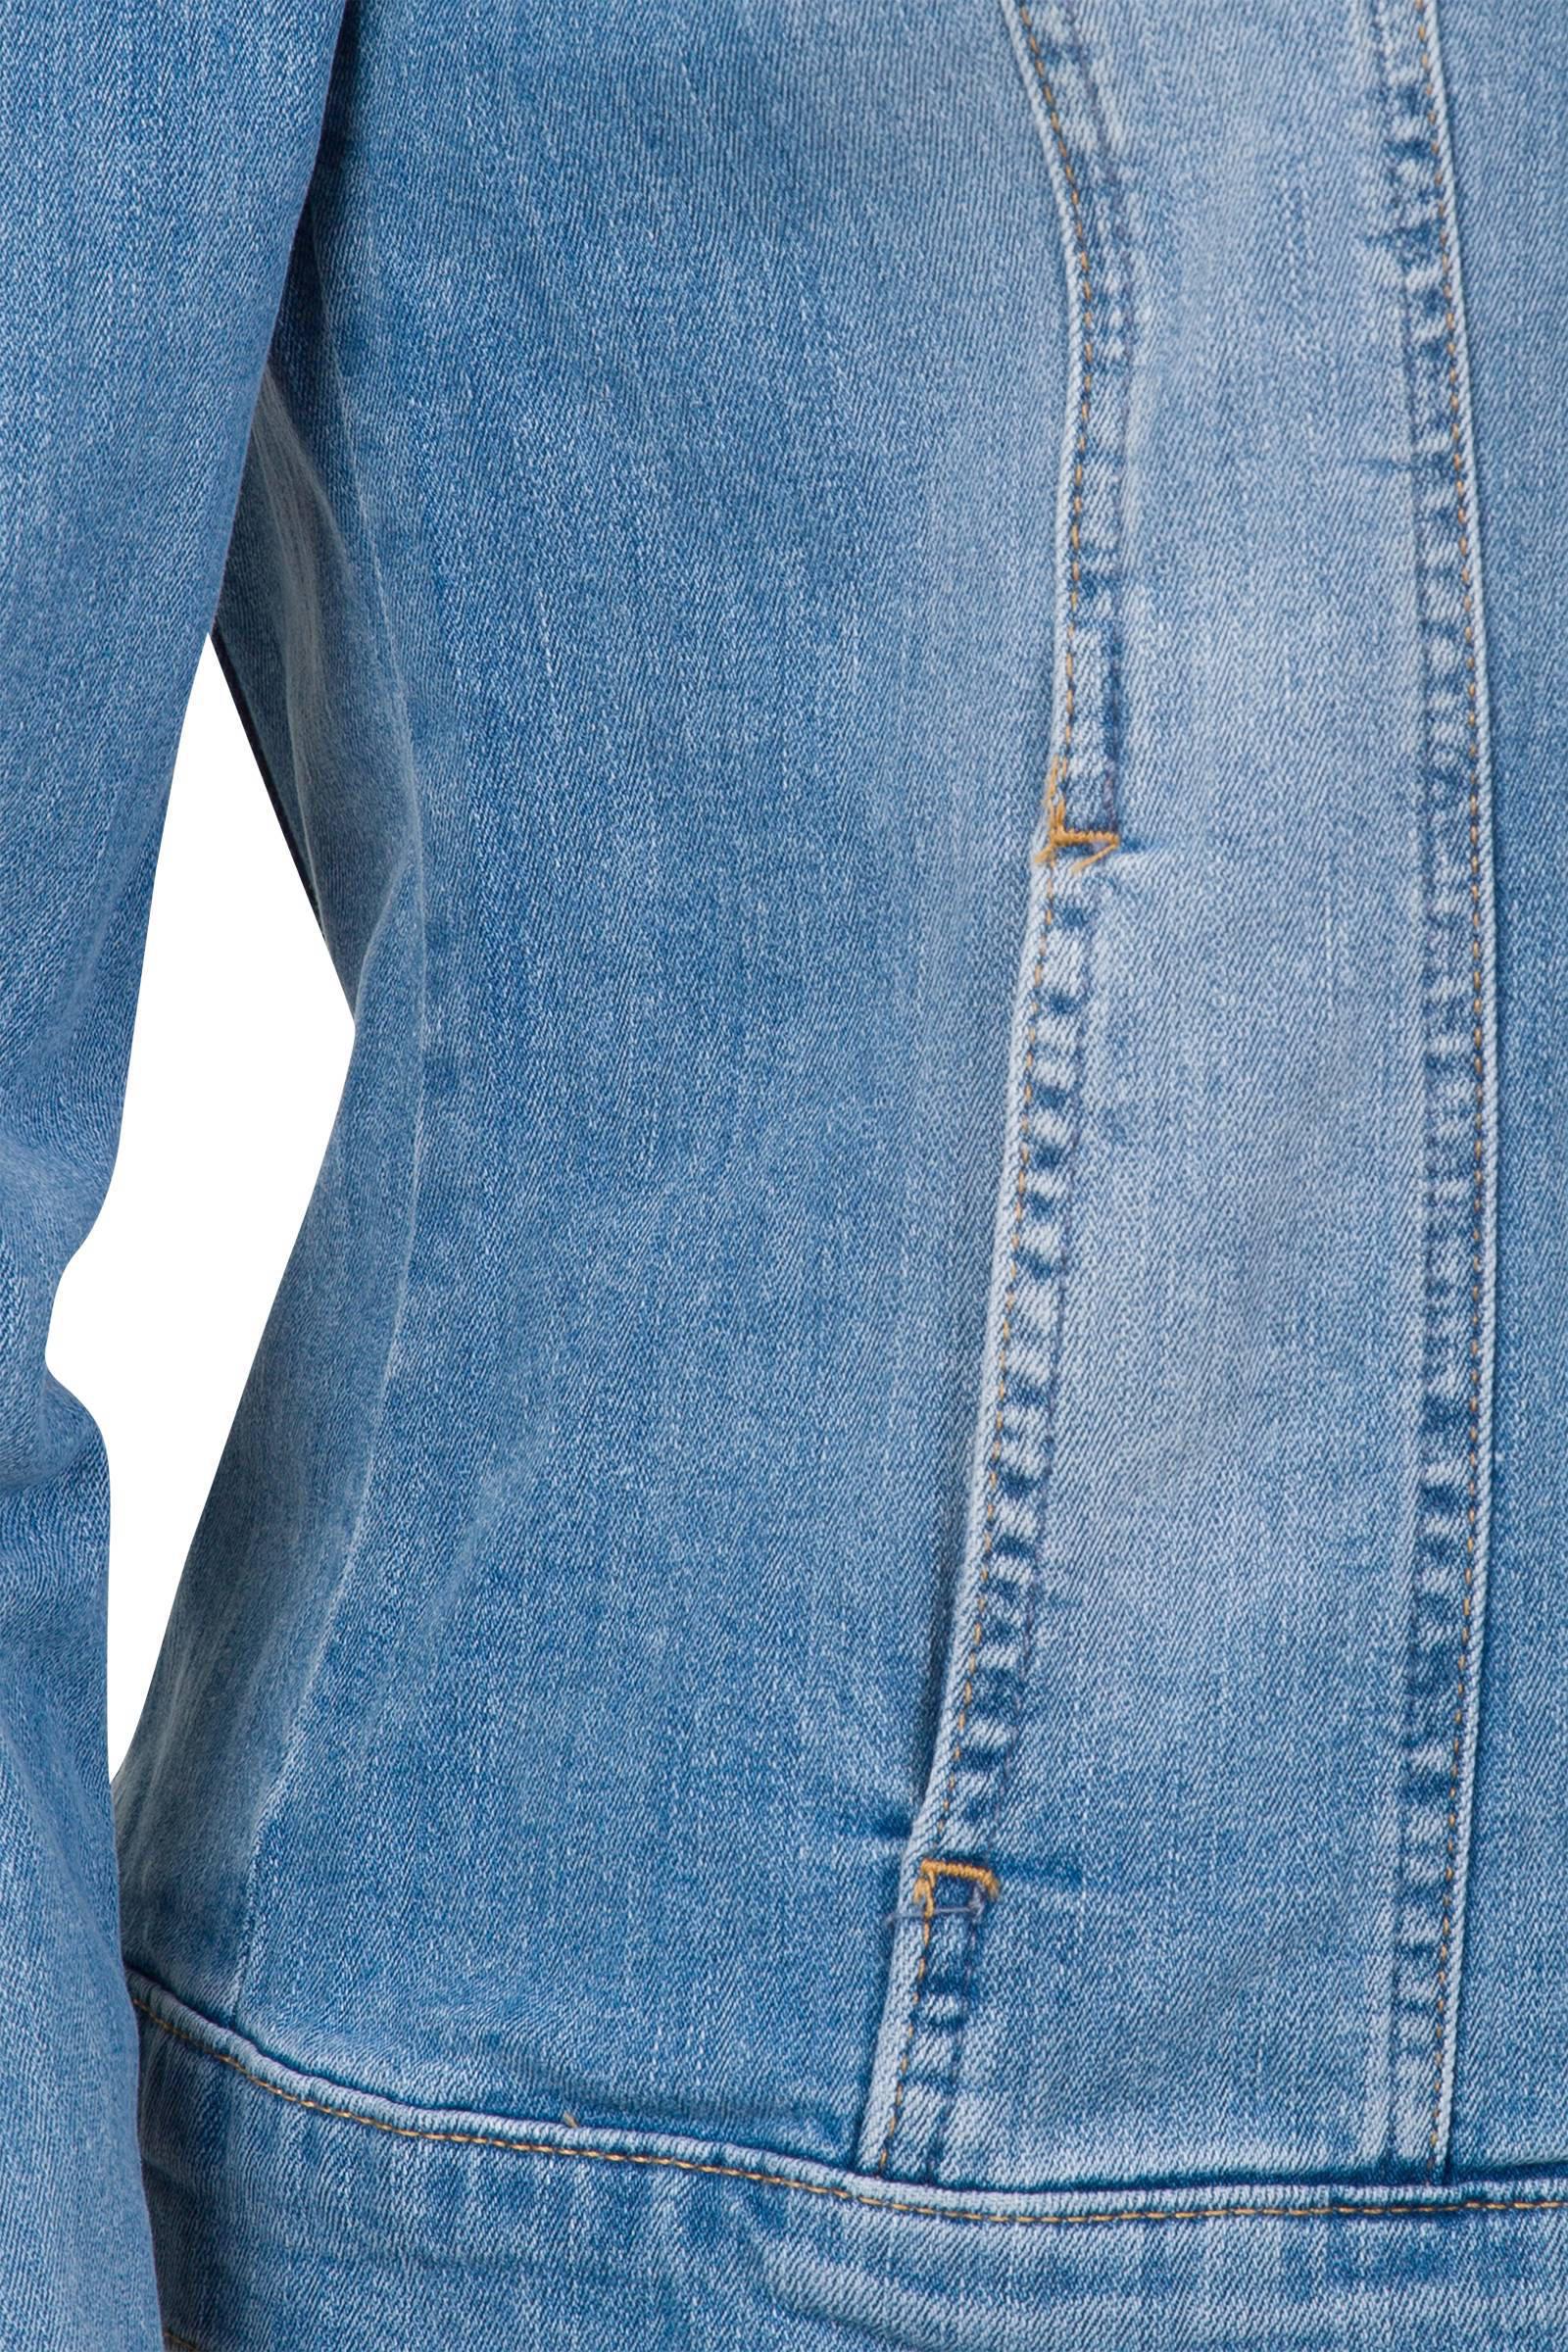 Miss Etam Regulier spijkerjasje lichtblauw | wehkamp